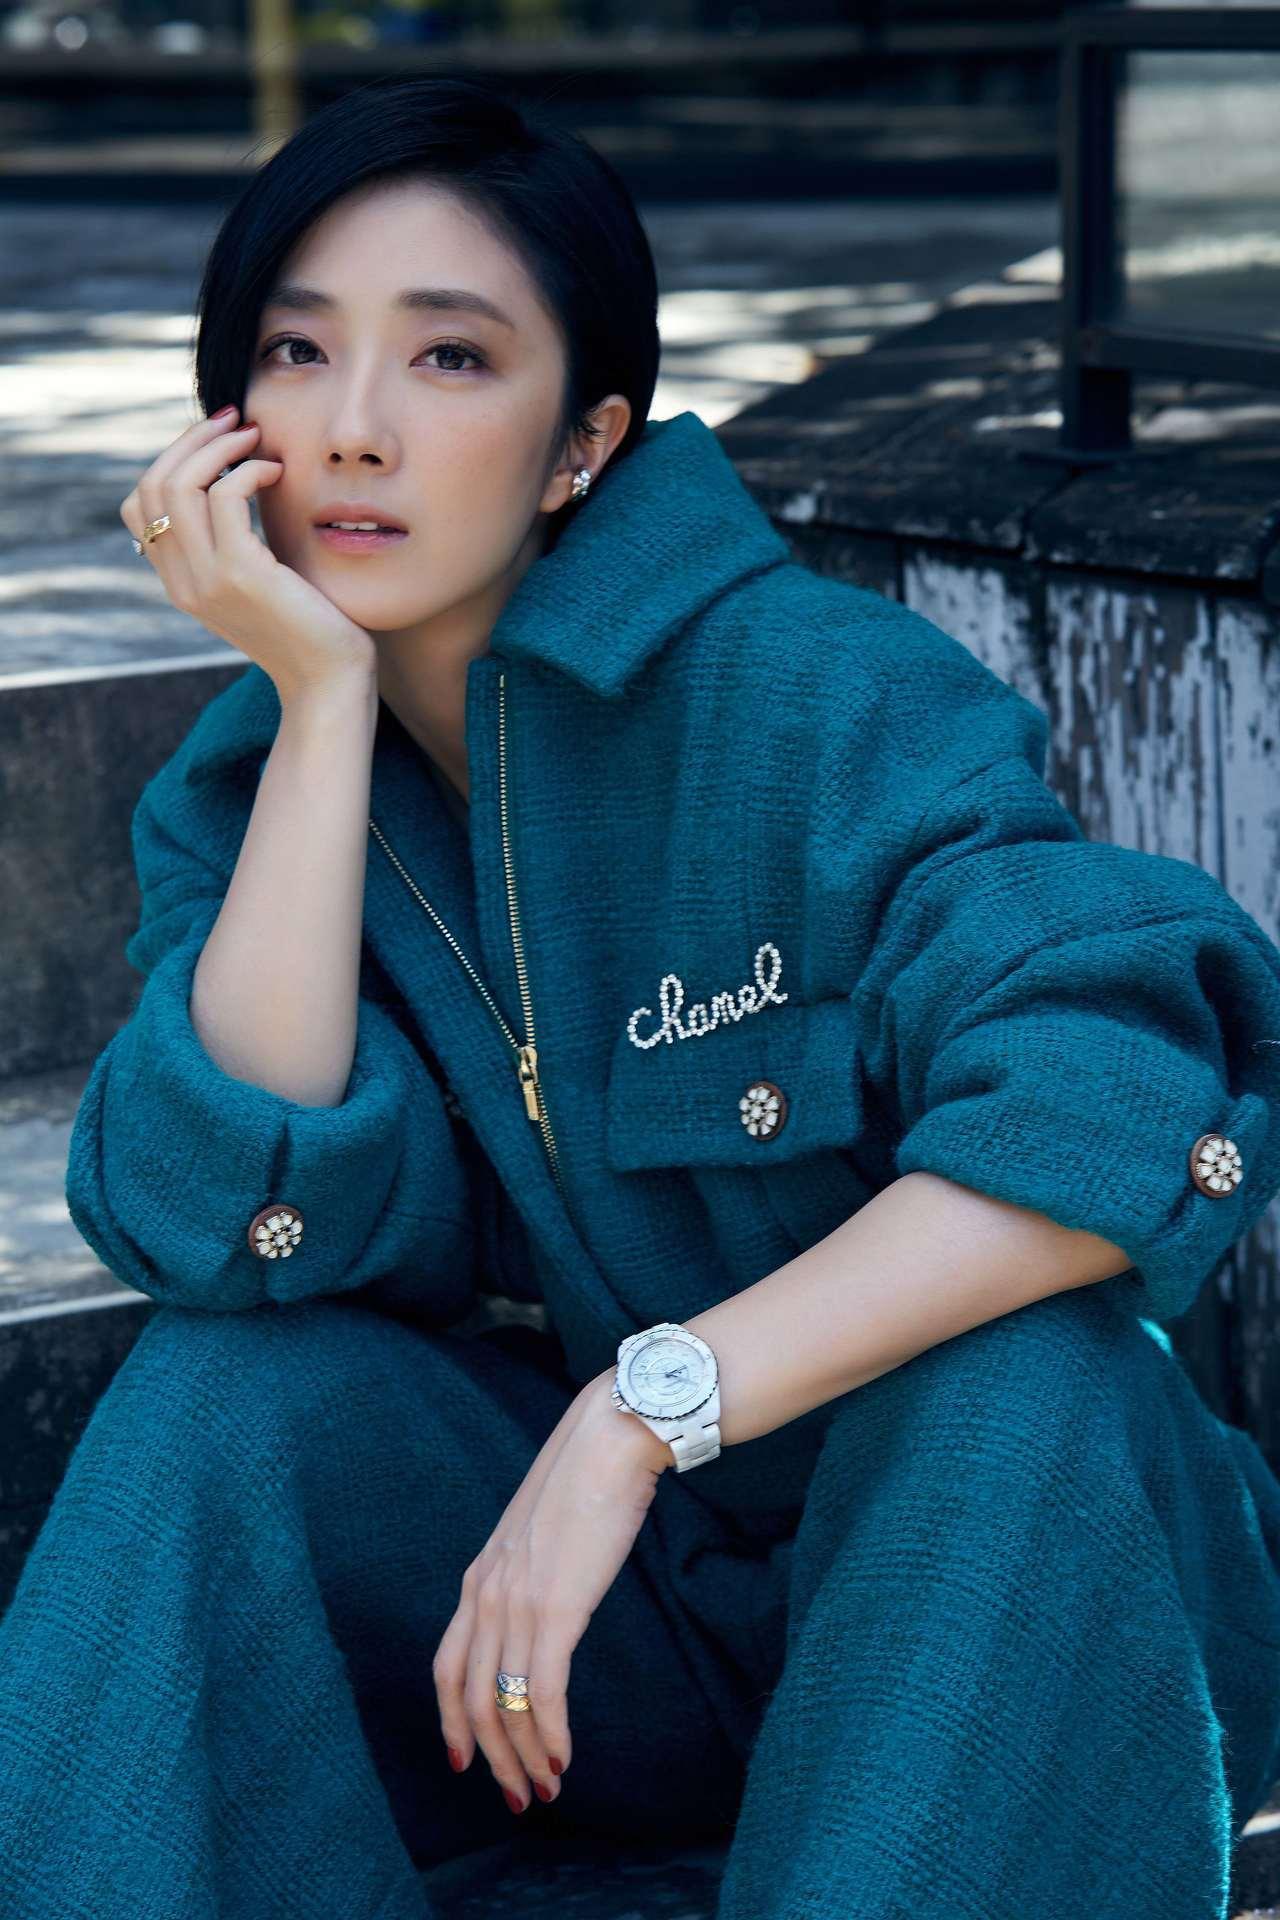 桂綸鎂穿香奈兒秋冬藍綠色褲裝配戴白色J12腕表。圖/香奈兒提供